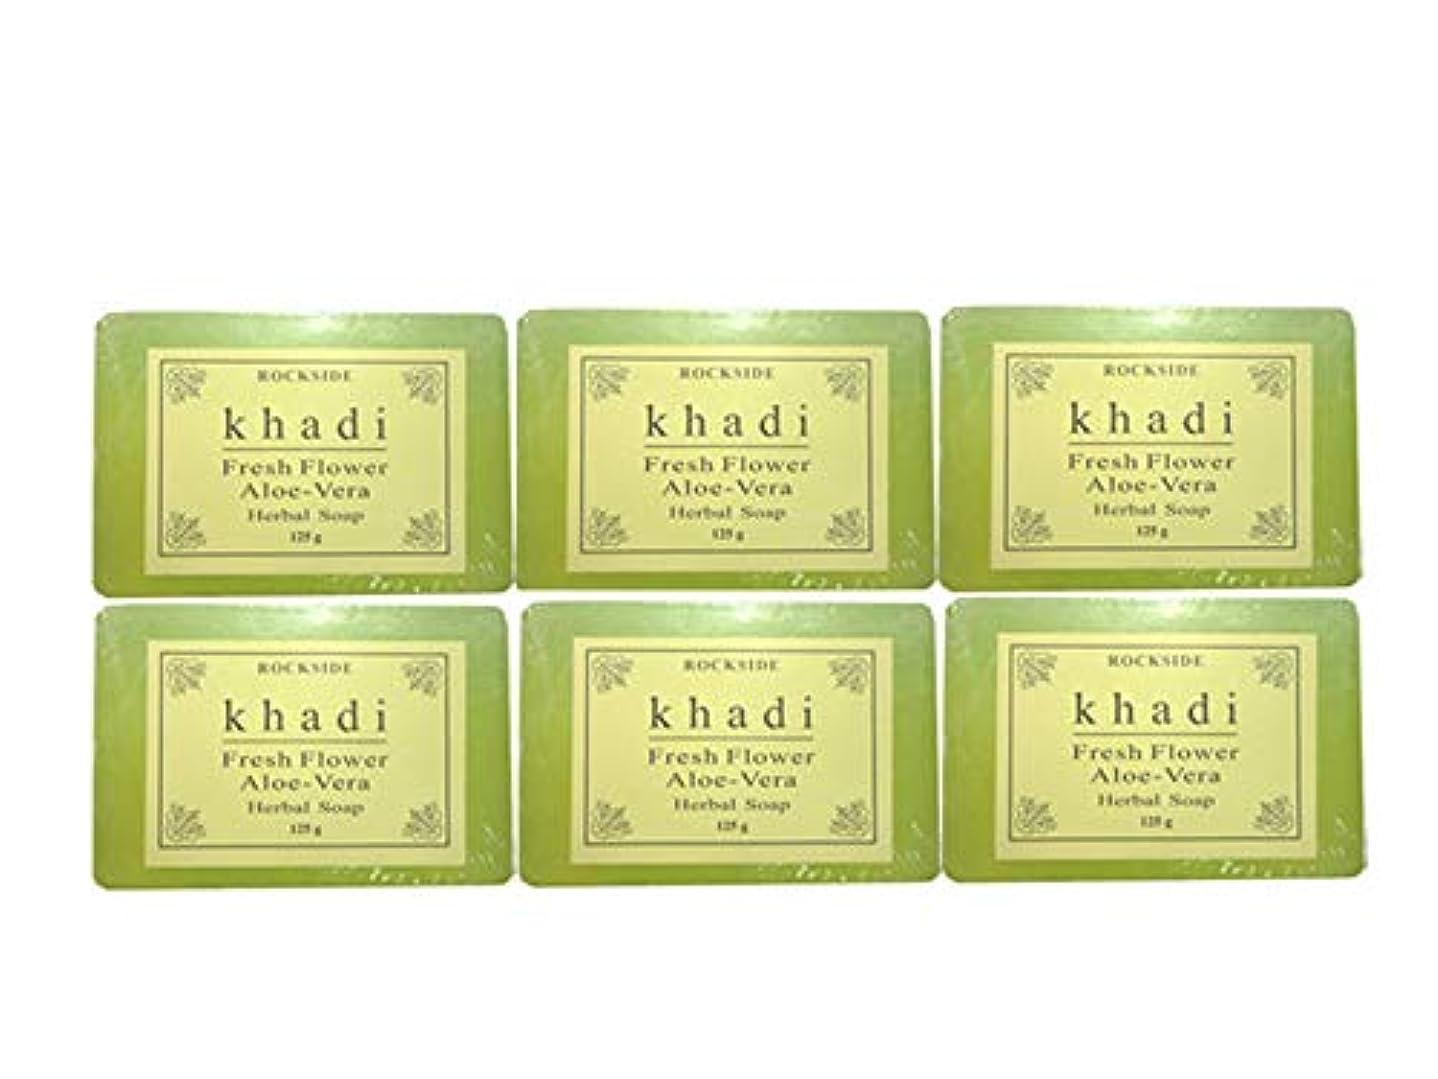 うがい薬コンクリート拍手手作り カーディ フレッシュフラワー2 ハーバルソープ Khadi Fresh Flower Aloe-Vera Herbal Soap 6個SET